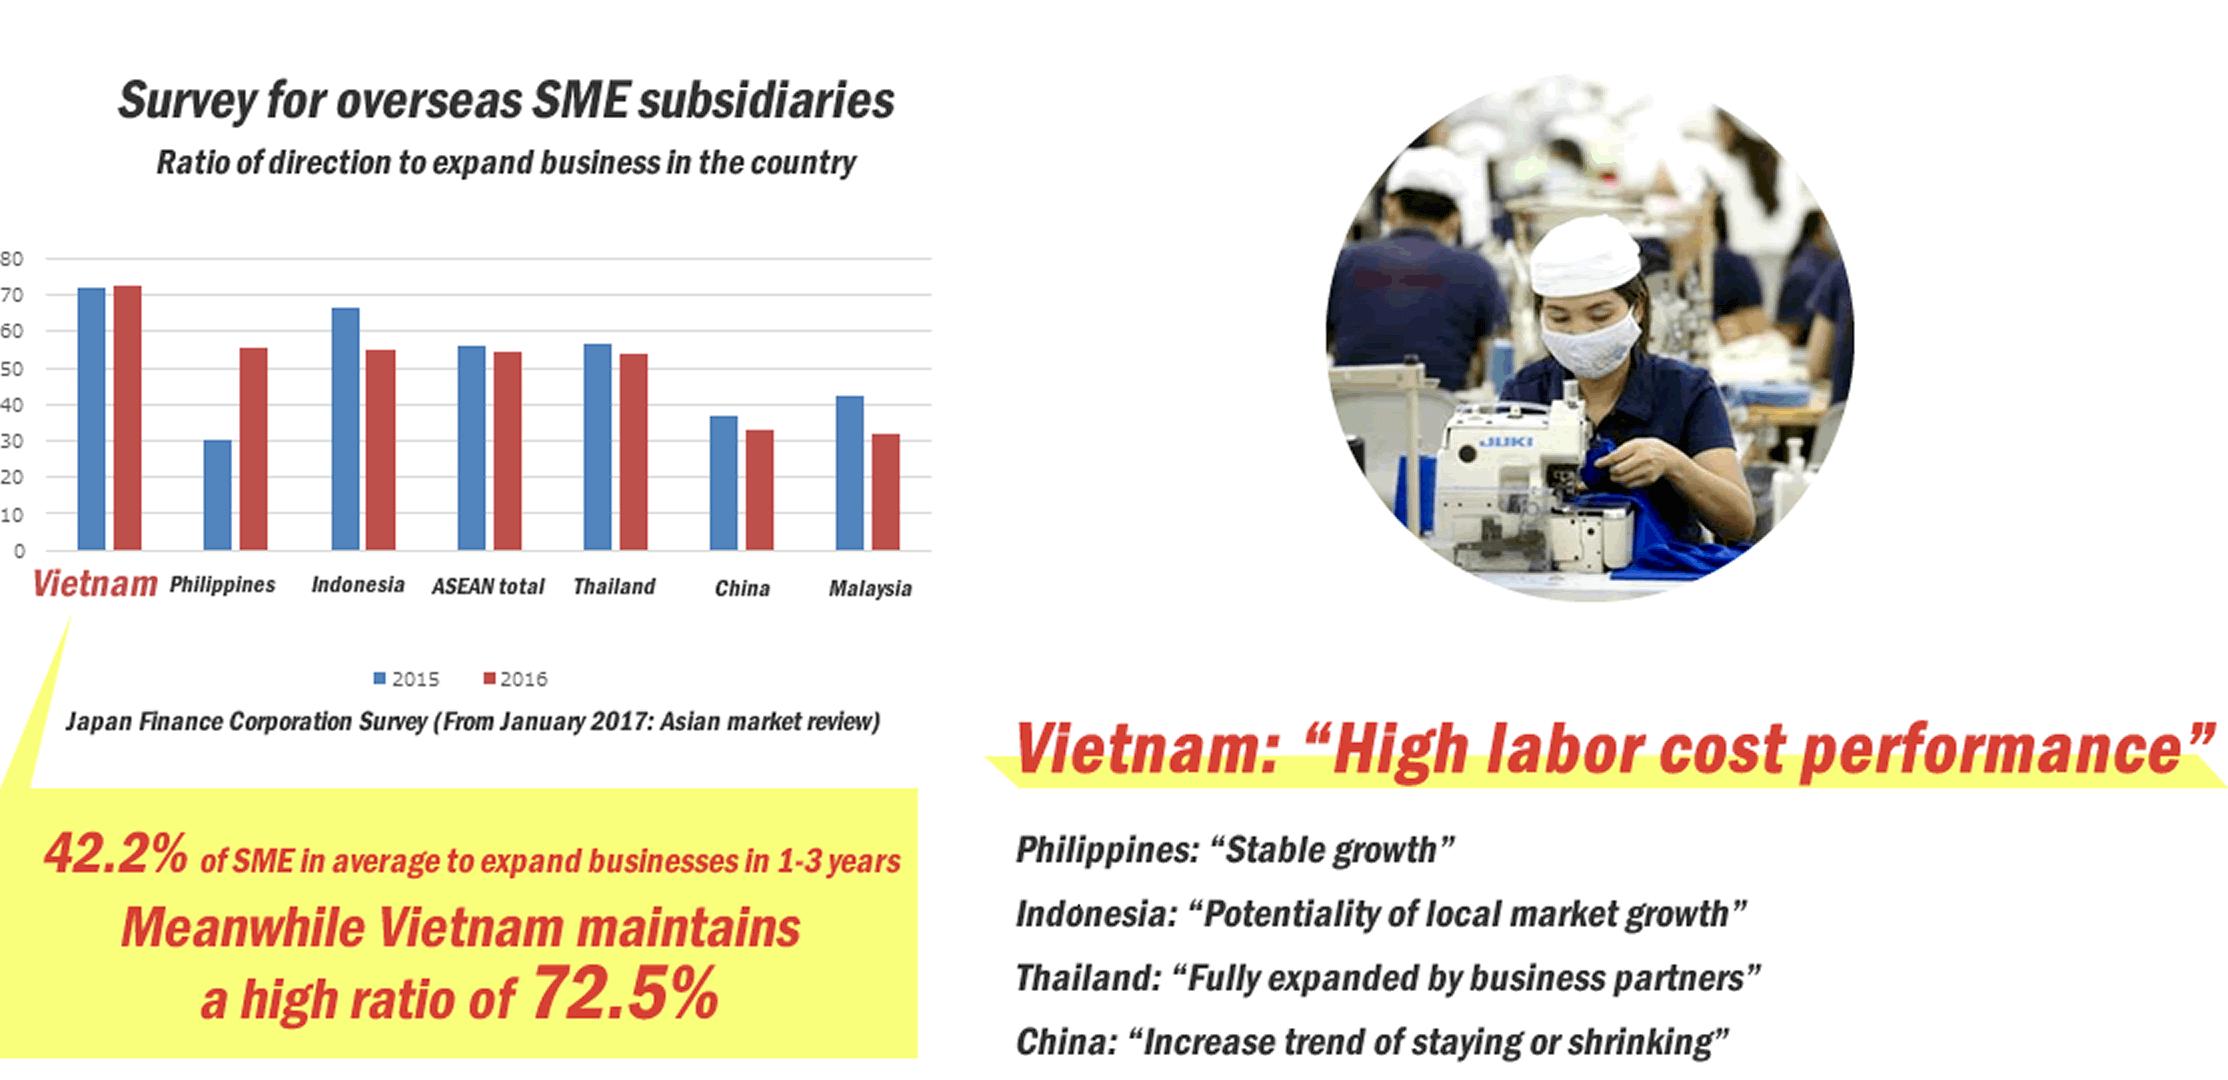 Survey for overseas SME subsidiaries